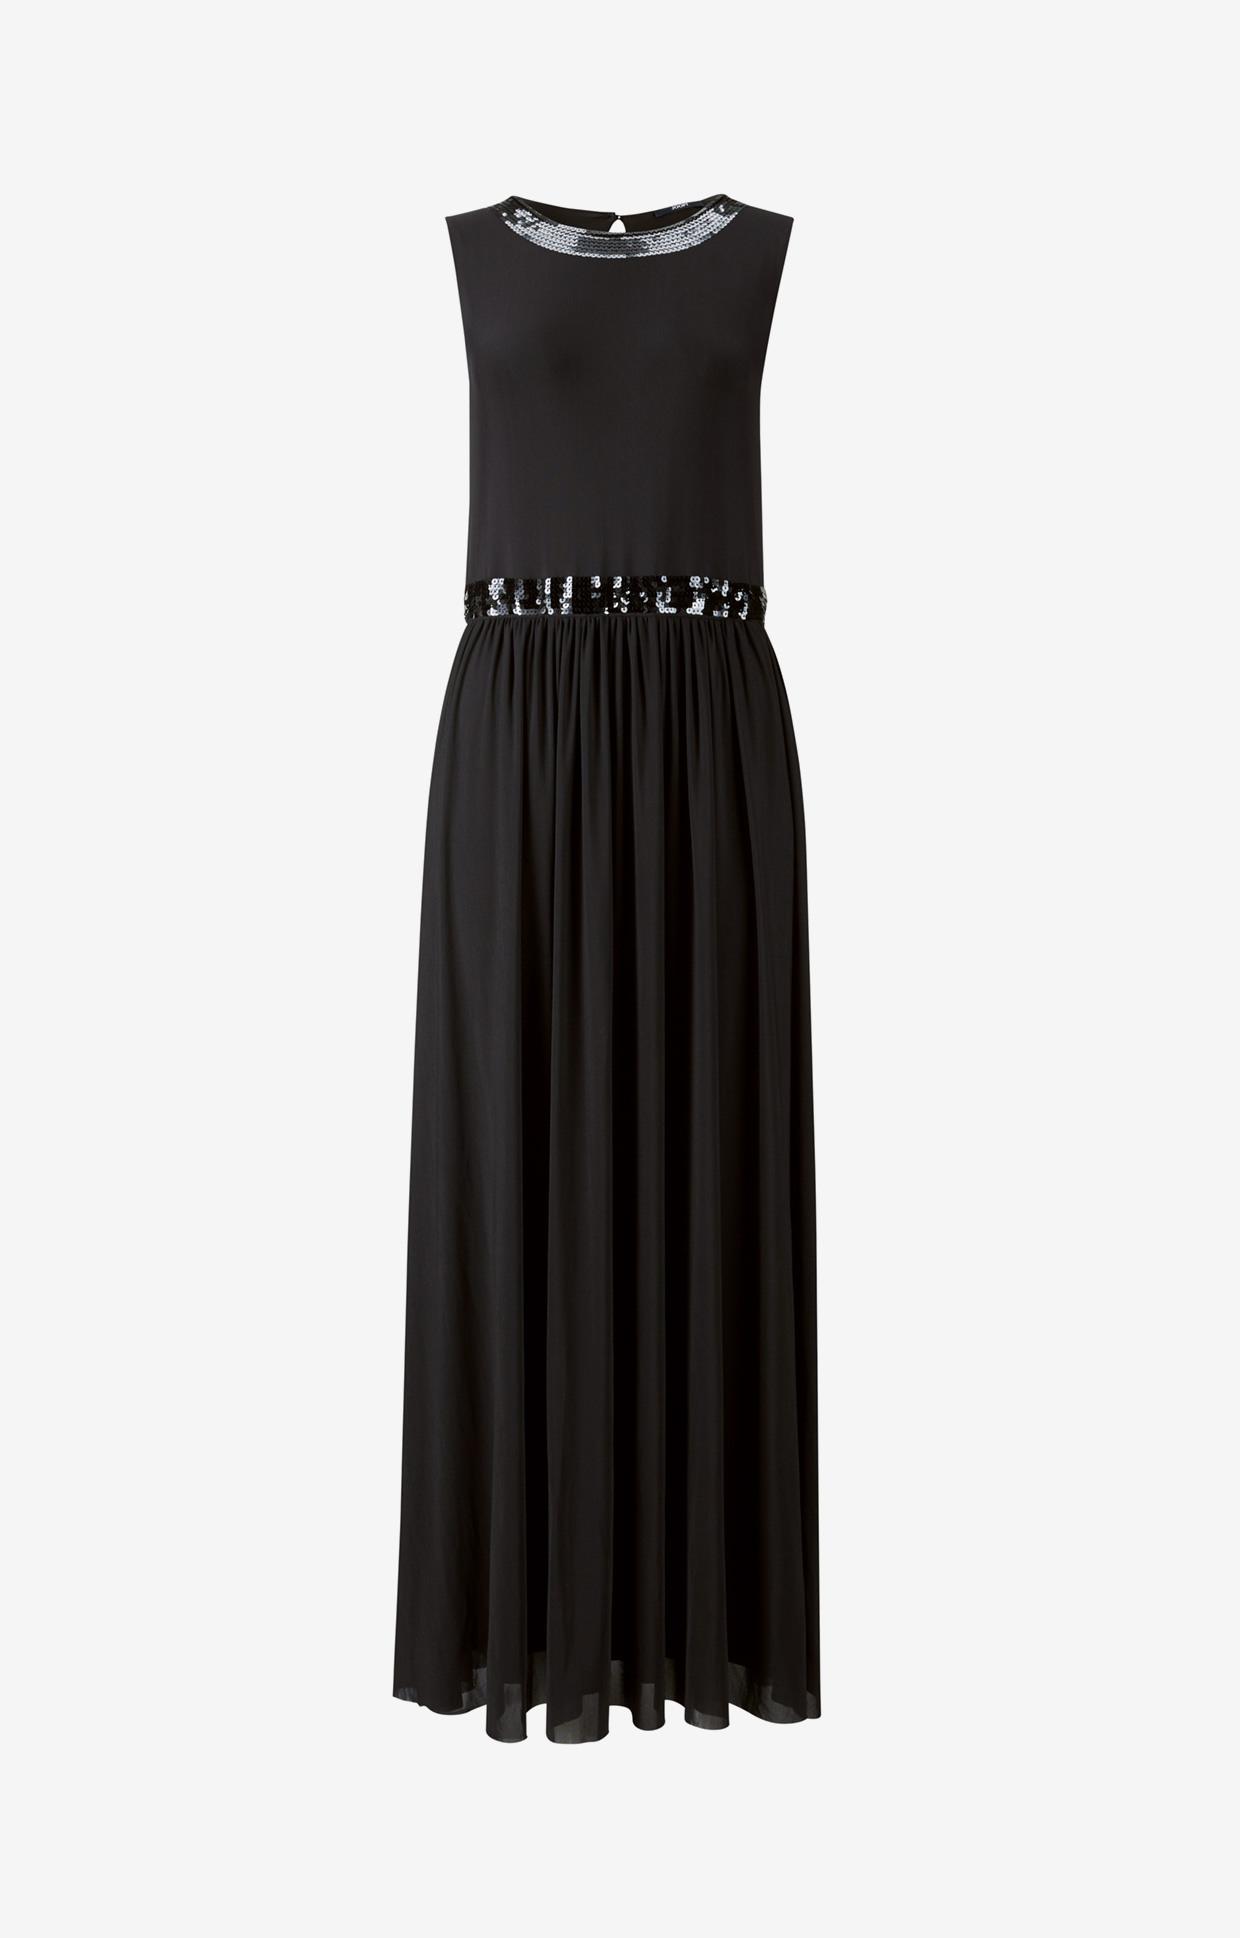 Coolste Abendkleider Joop BoutiqueAbend Großartig Abendkleider Joop Vertrieb